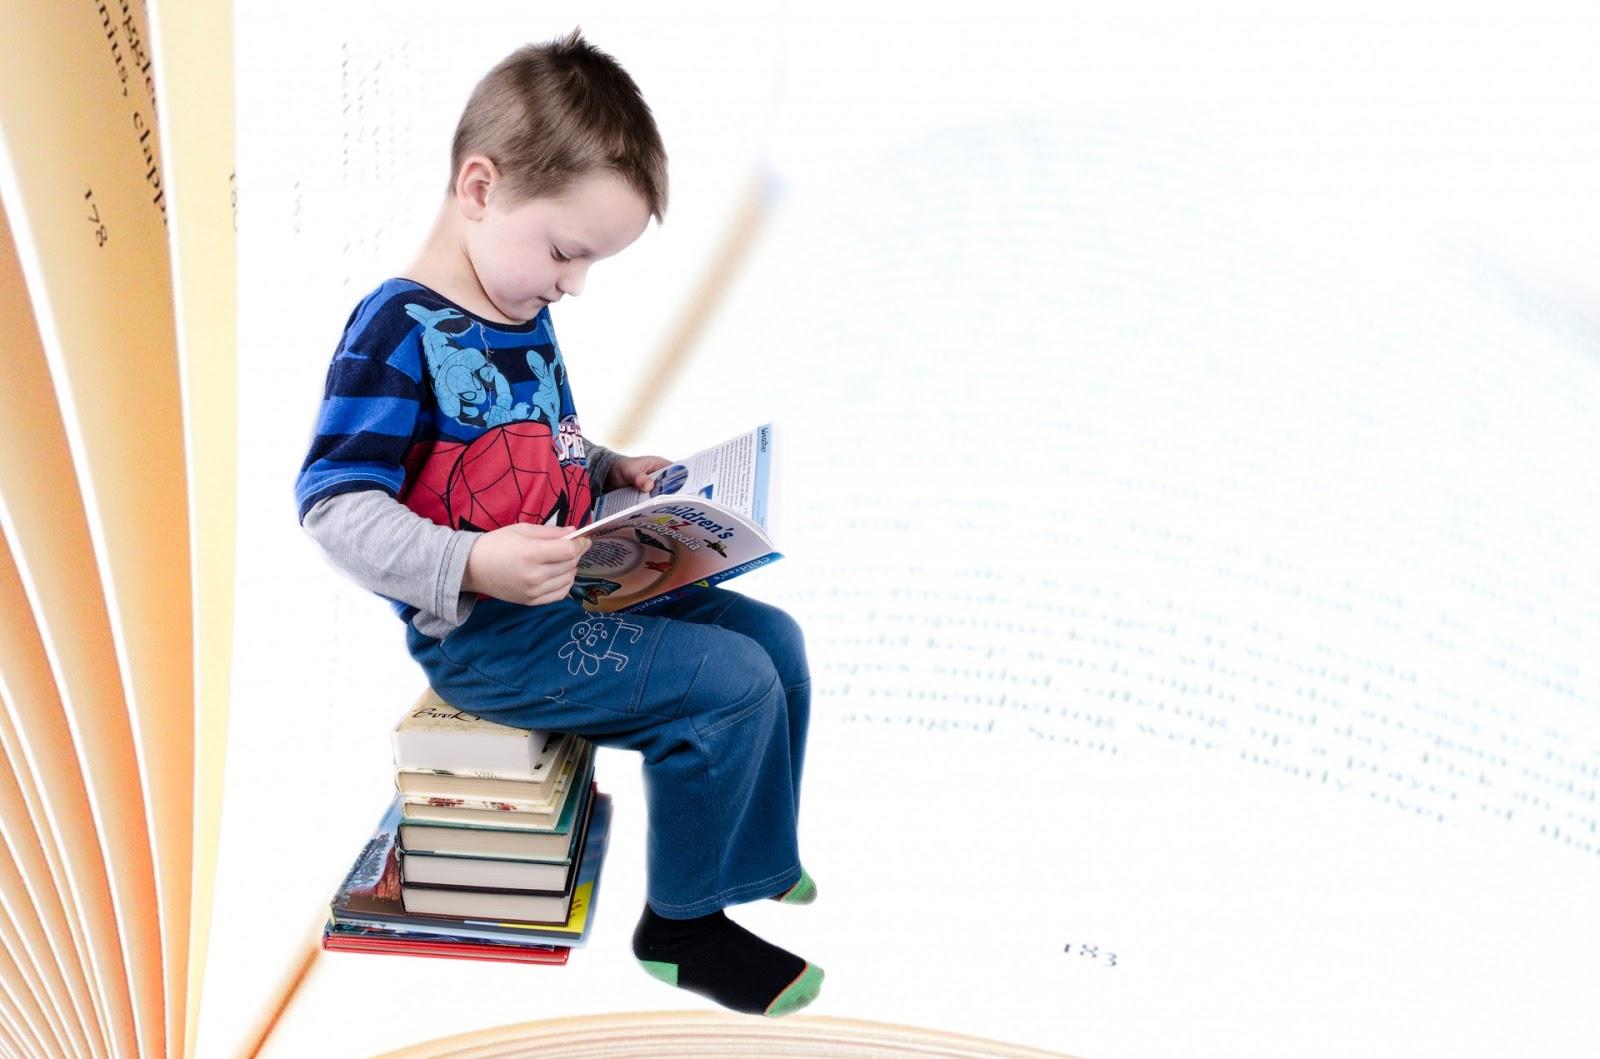 schoolboy-is-sitting-on-books-1388234316Wm8.jpg